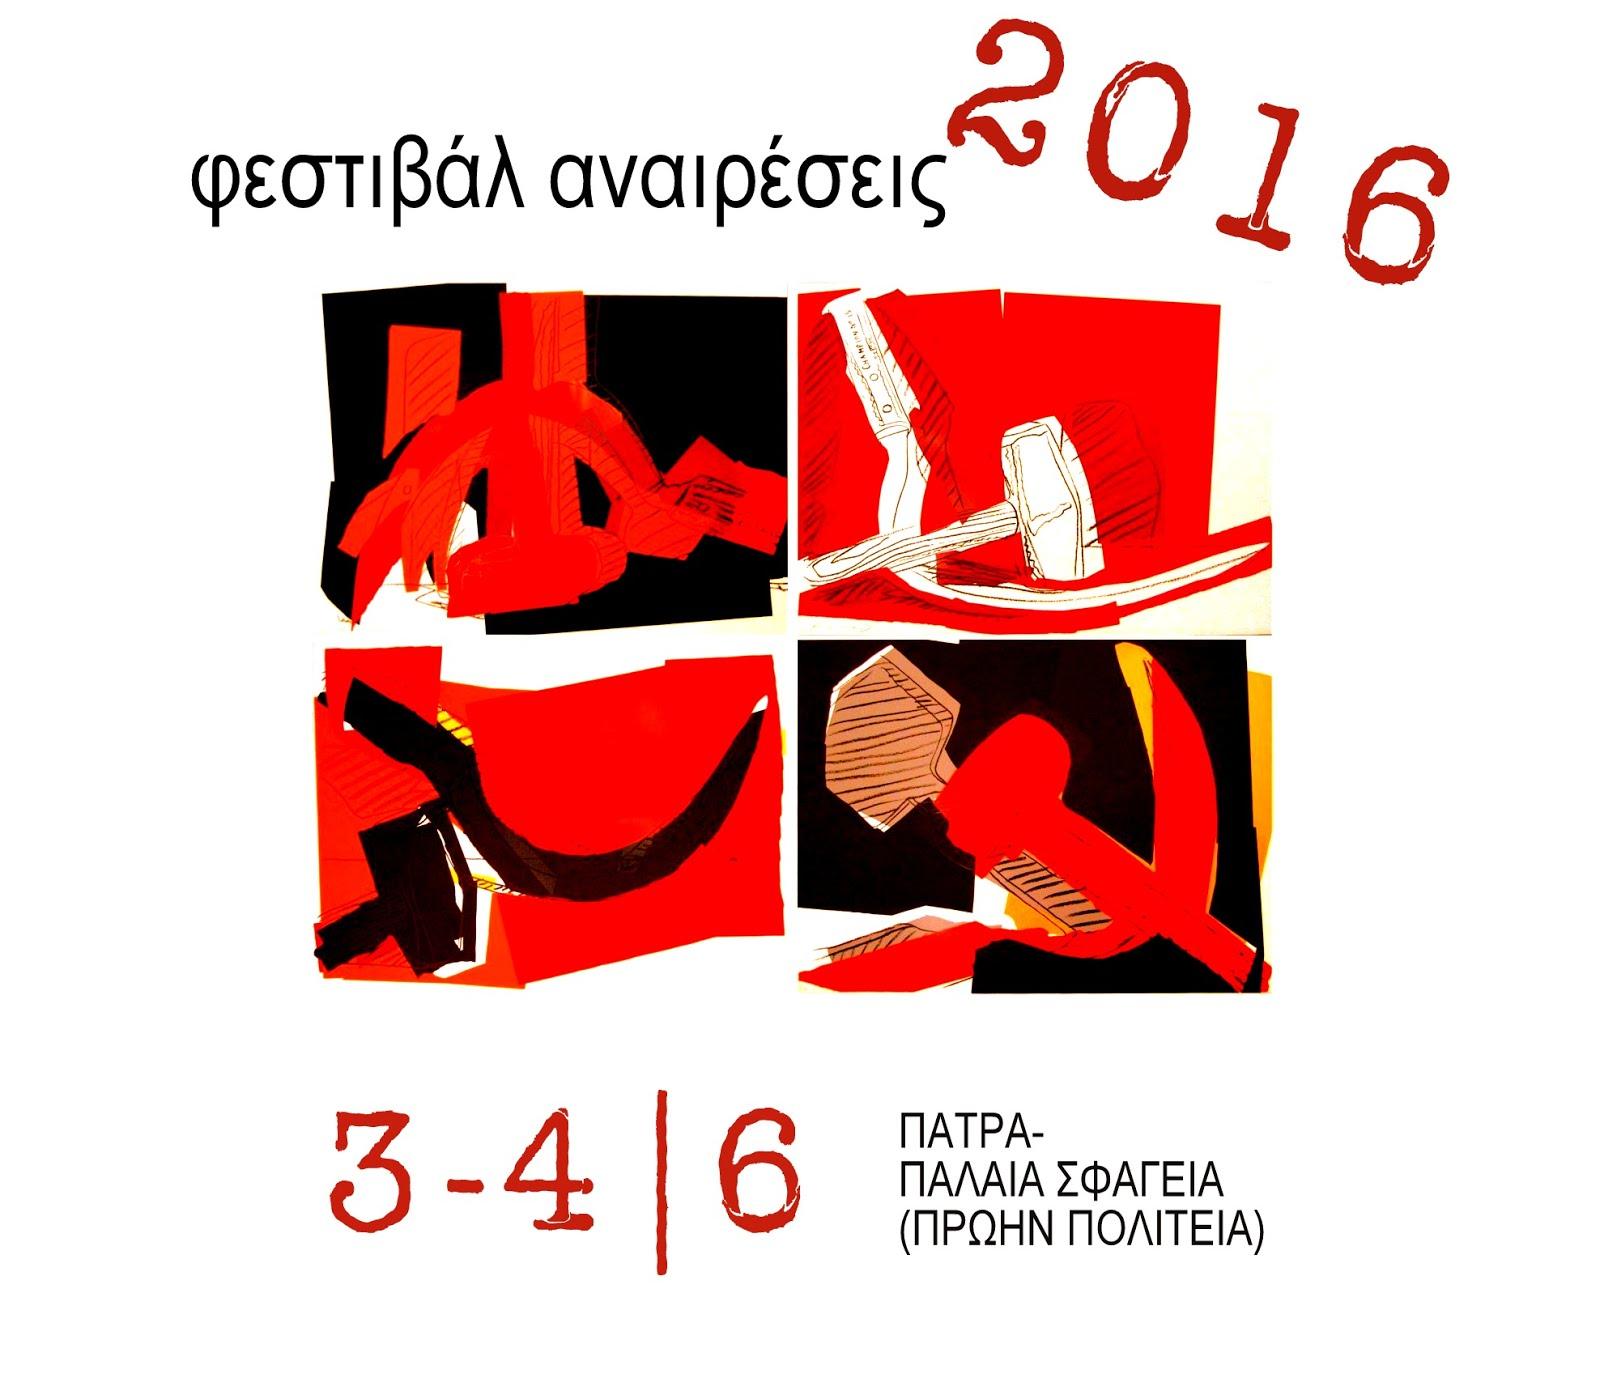 Φεστιβάλ αναιρέσεις 2016